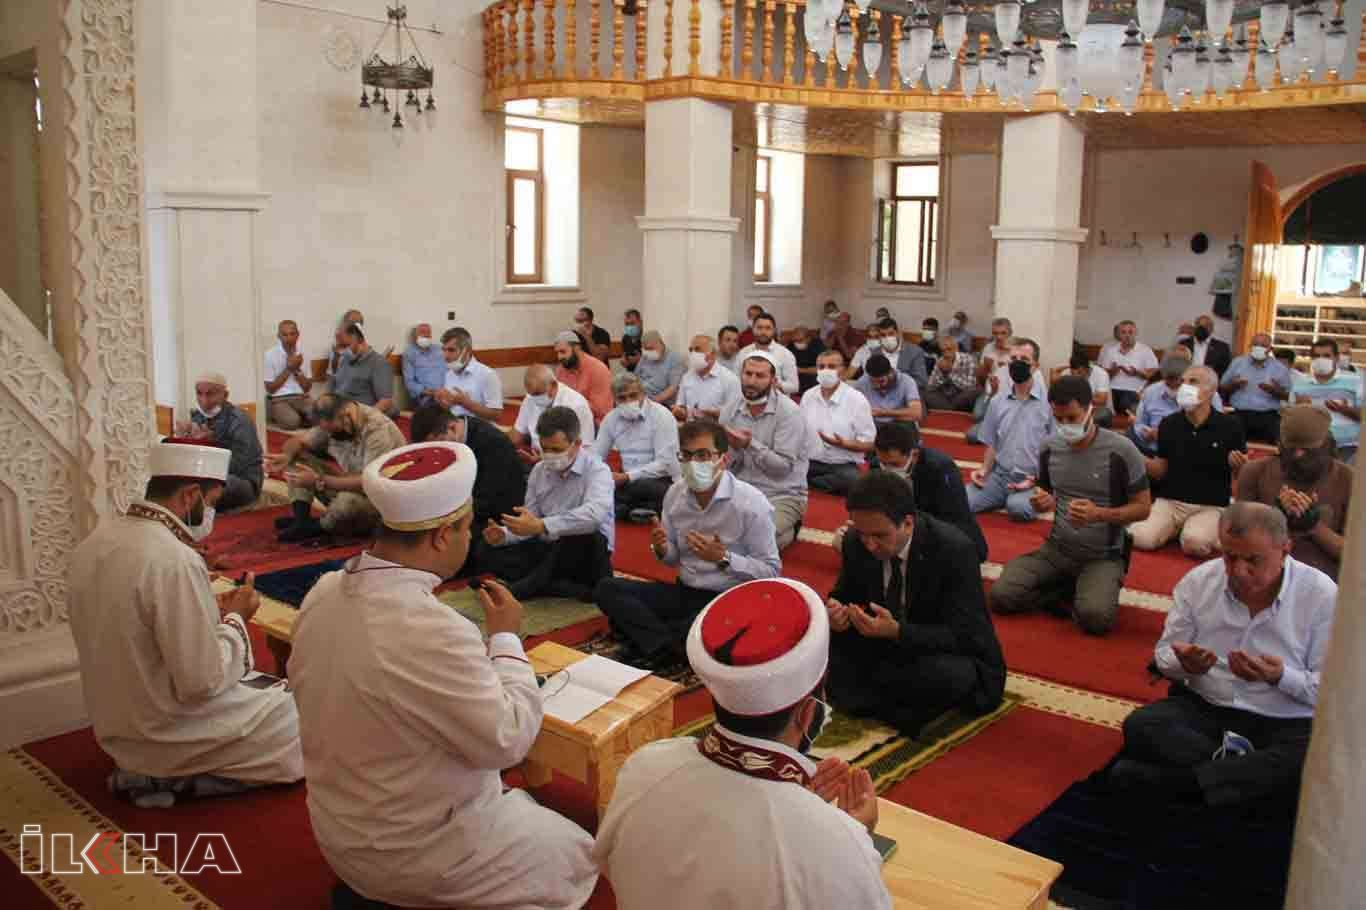 Mardinde 15 Temmuz şehidleri için üç dilde Mevlid okutuldu